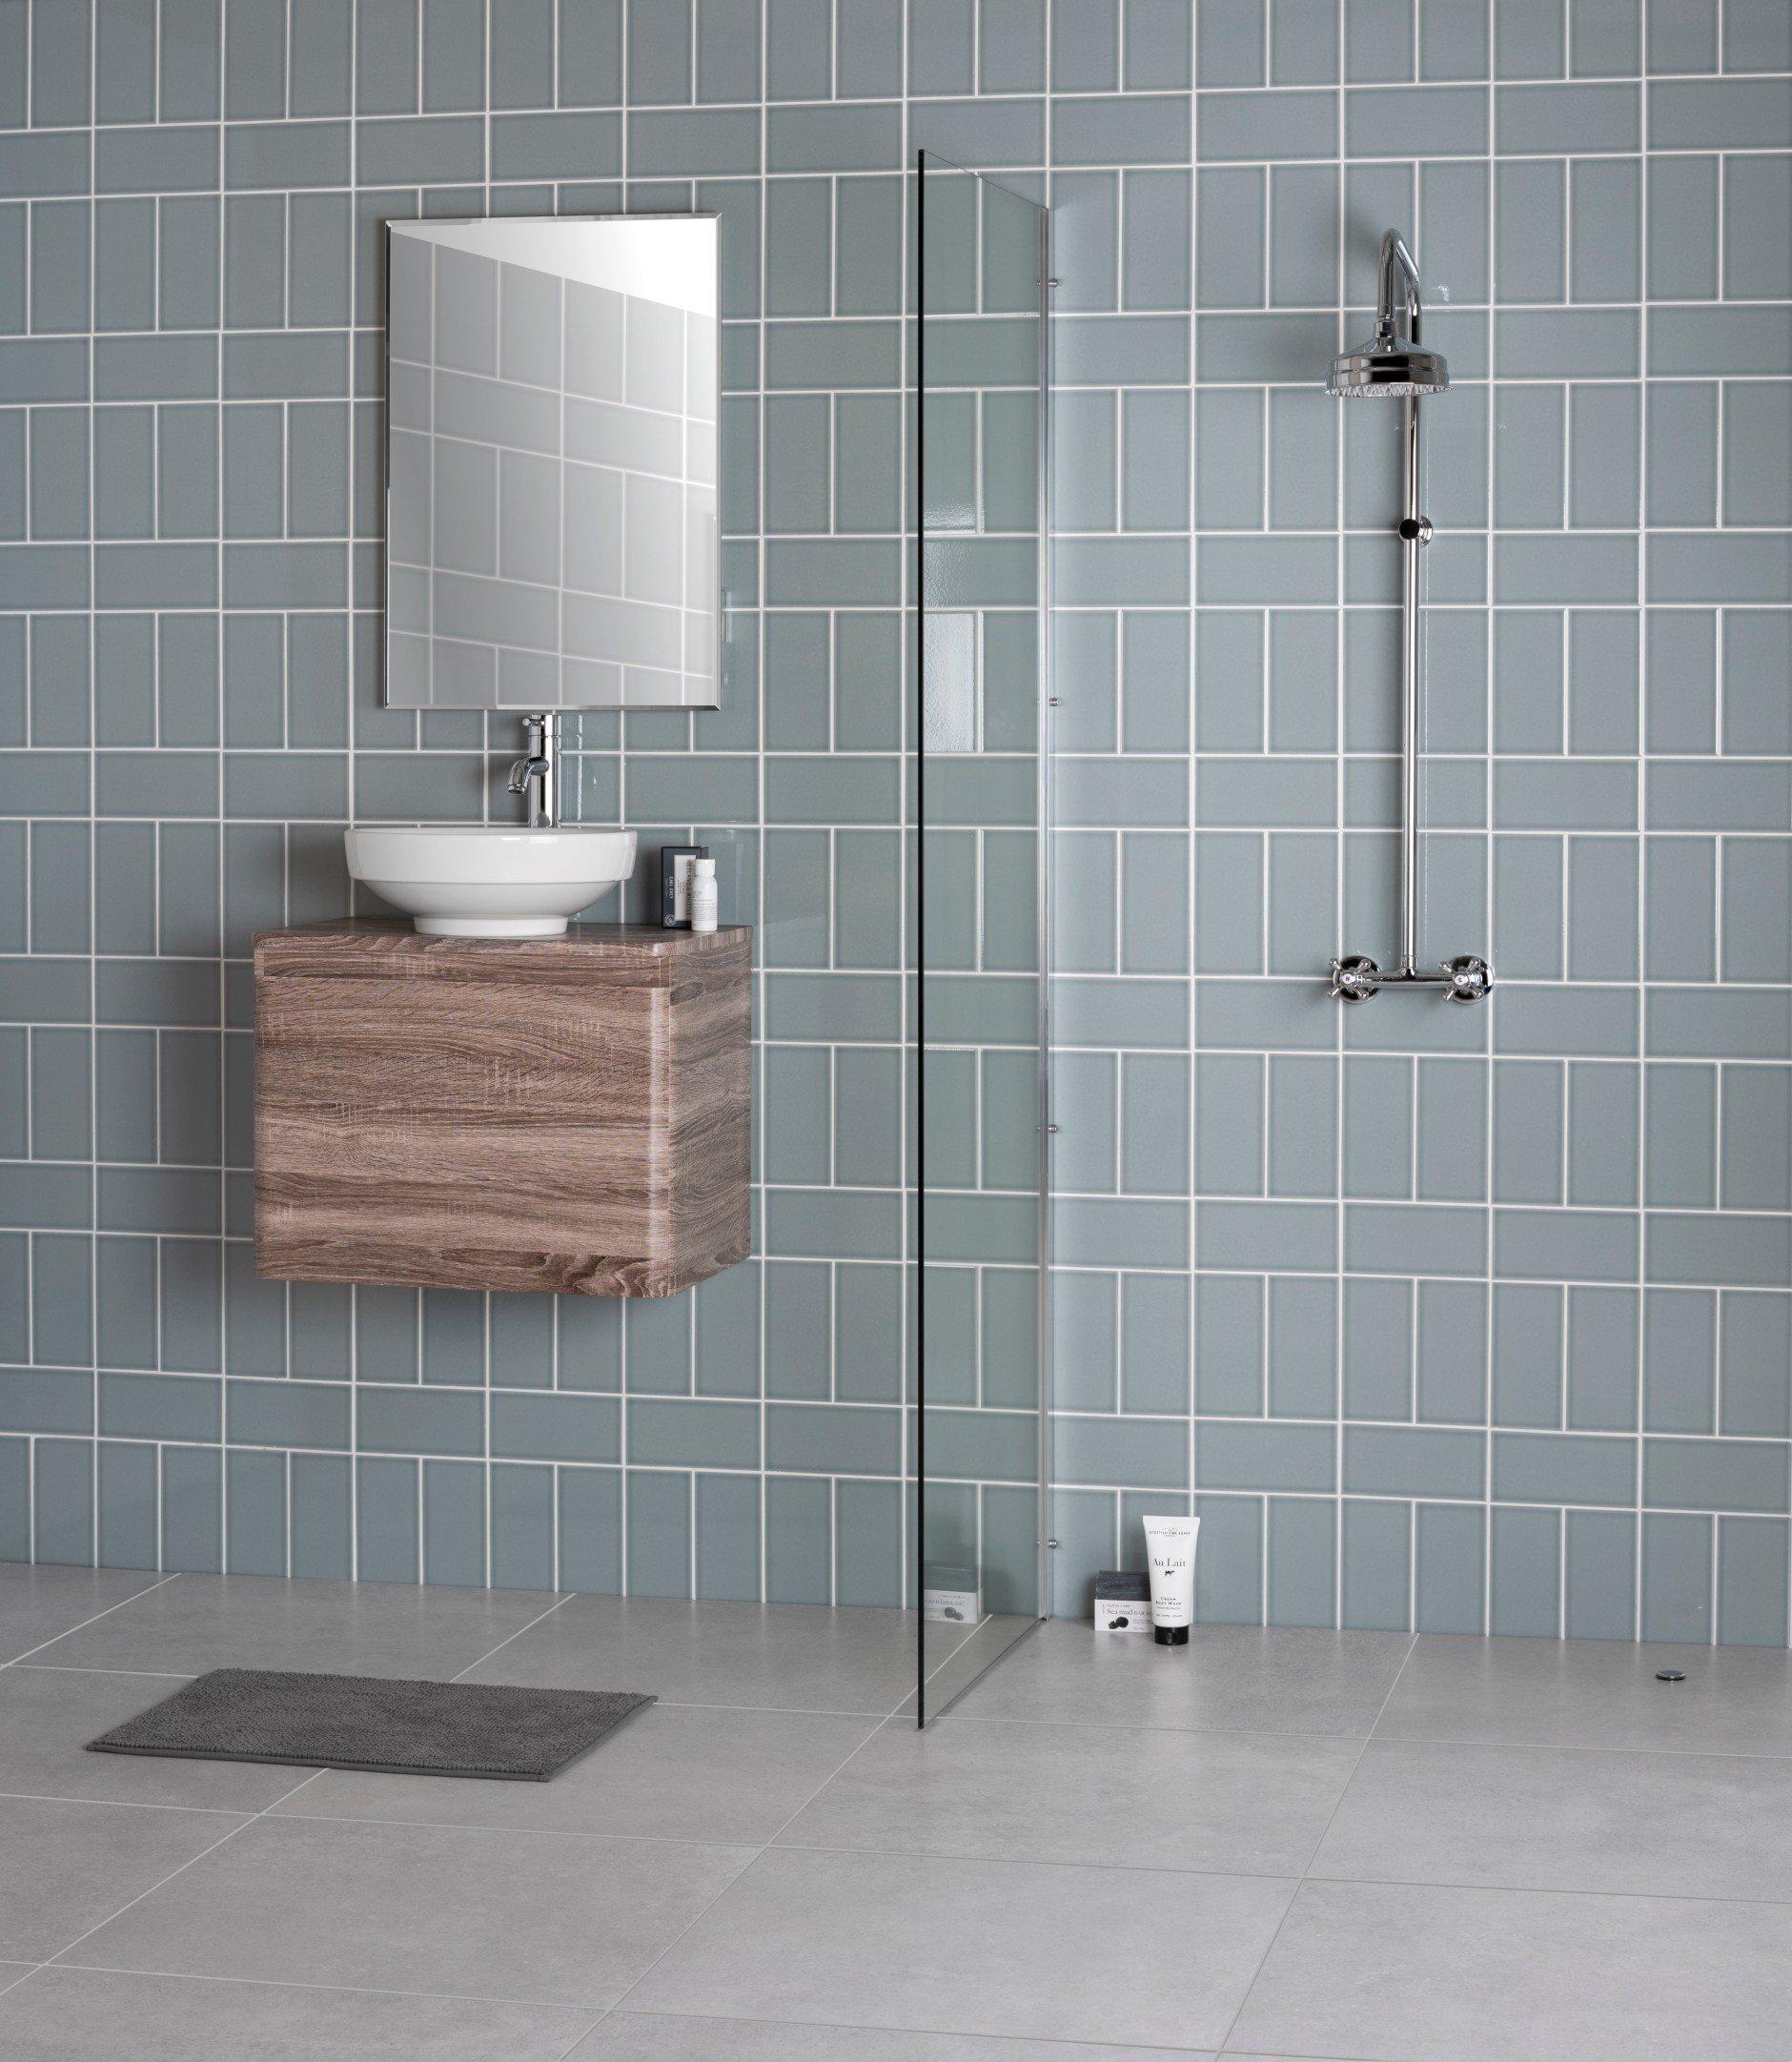 Walls and Floors Ltd Craquelure Steel Tiles Bathroom 5709416 1